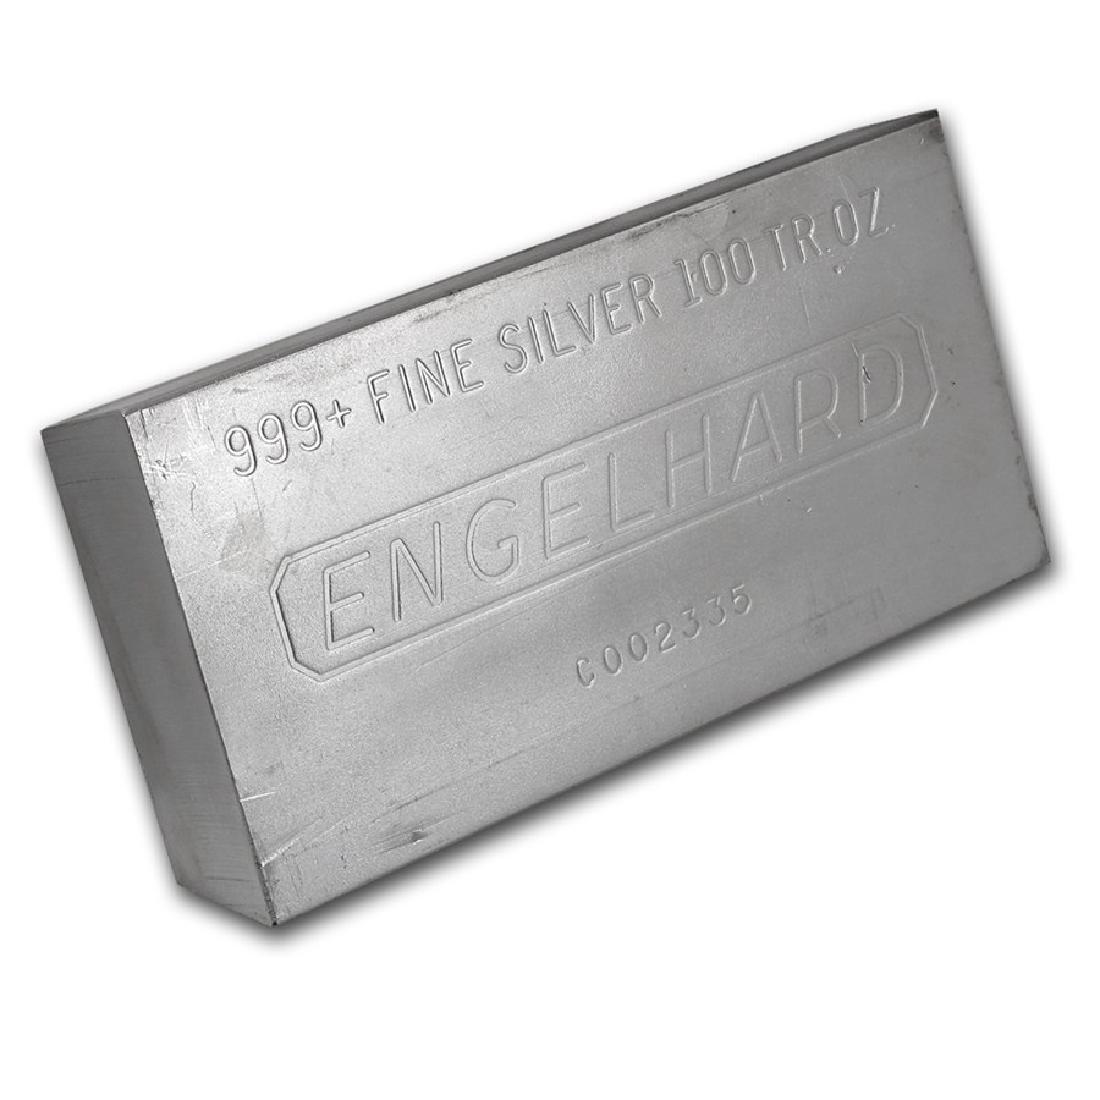 One piece 100 oz 0.999 Fine Silver Bar Engelhard-69621